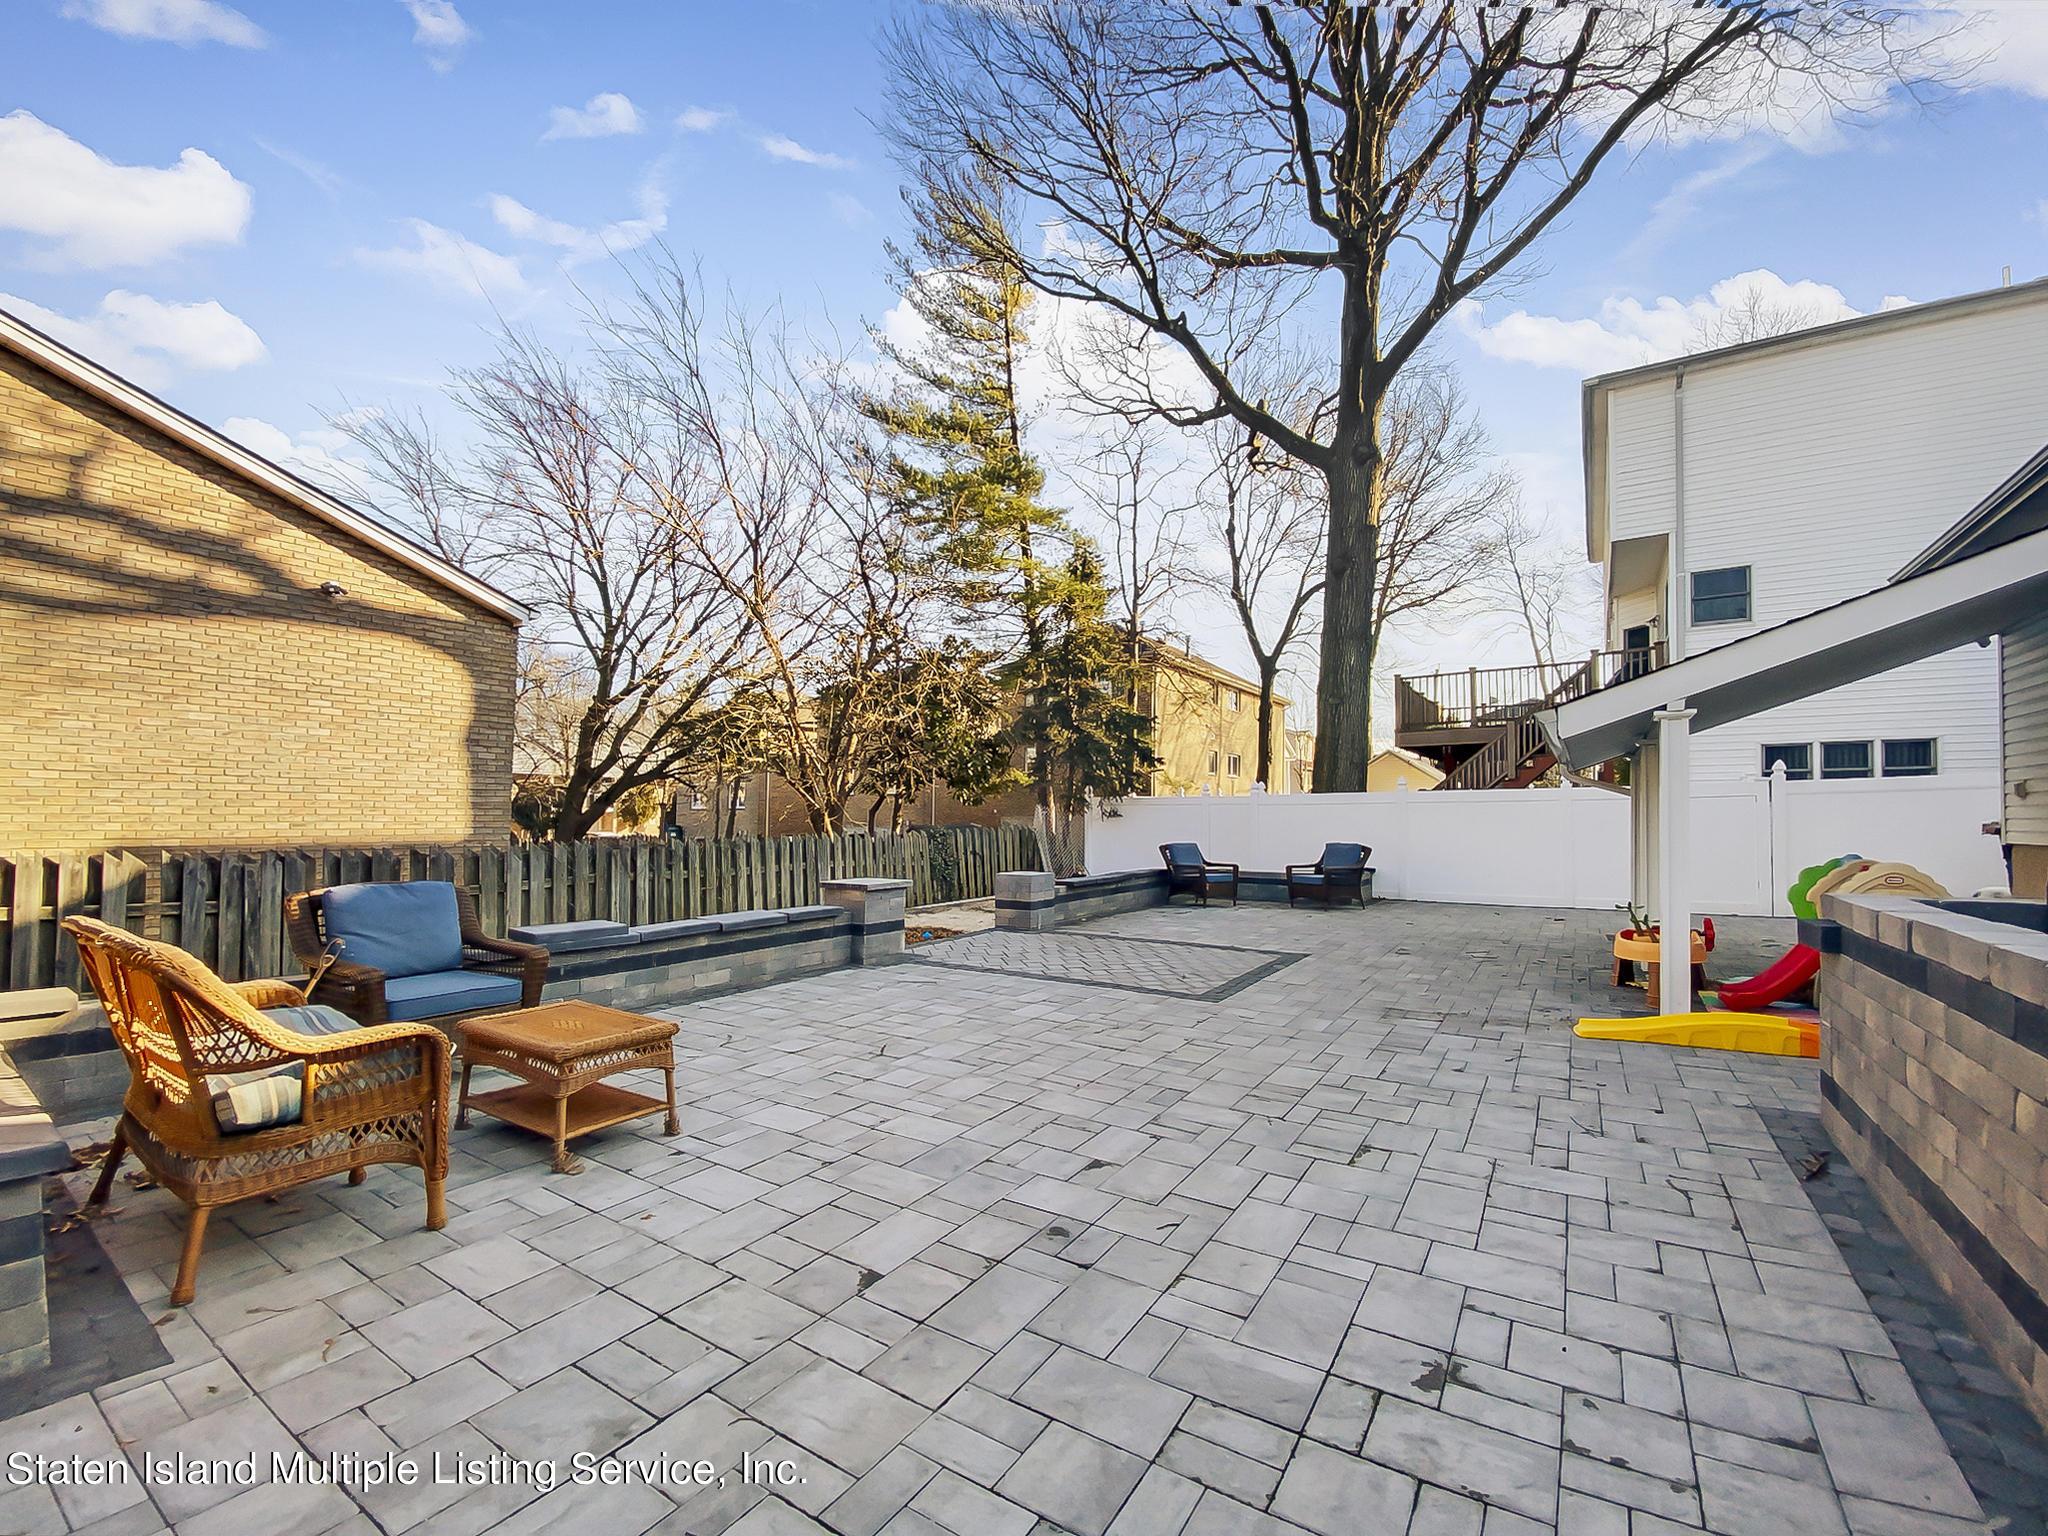 Single Family - Detached 543 Wainwright Avenue  Staten Island, NY 10312, MLS-1143141-25